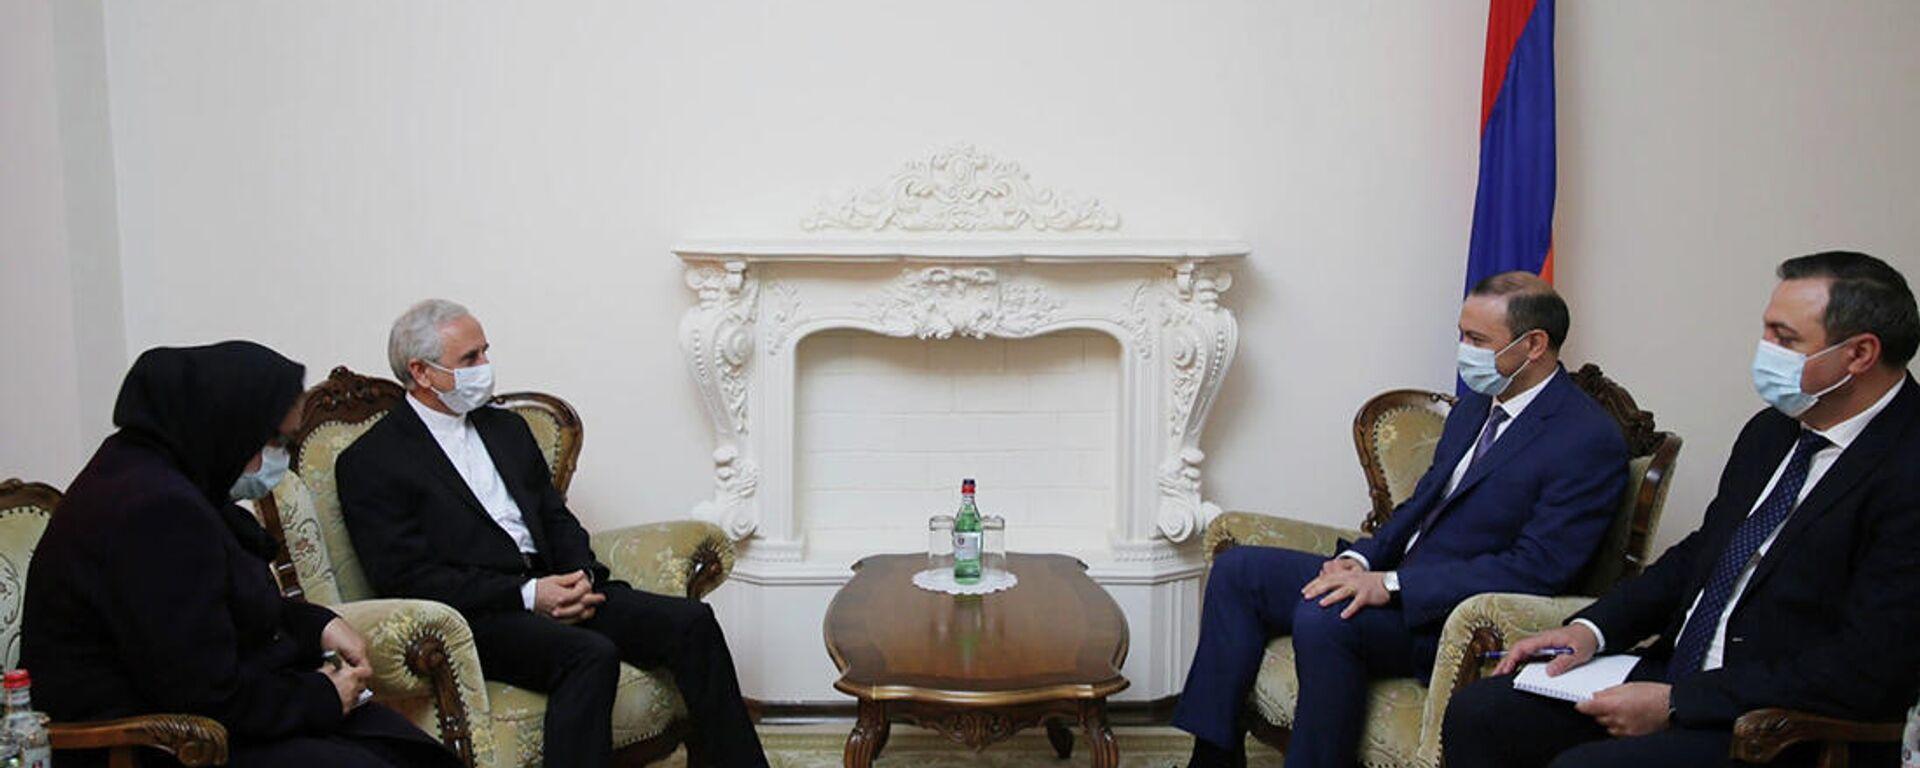 ՀՀ Անվտանգության խորհրդի քարտուղար Արմեն Գրիգորյանն  ընդունել է Հայաստանում Իրանի  դեսպան Ն.Գ. Աբբաս Բադախշան Զոհուրիին - Sputnik Արմենիա, 1920, 22.09.2021